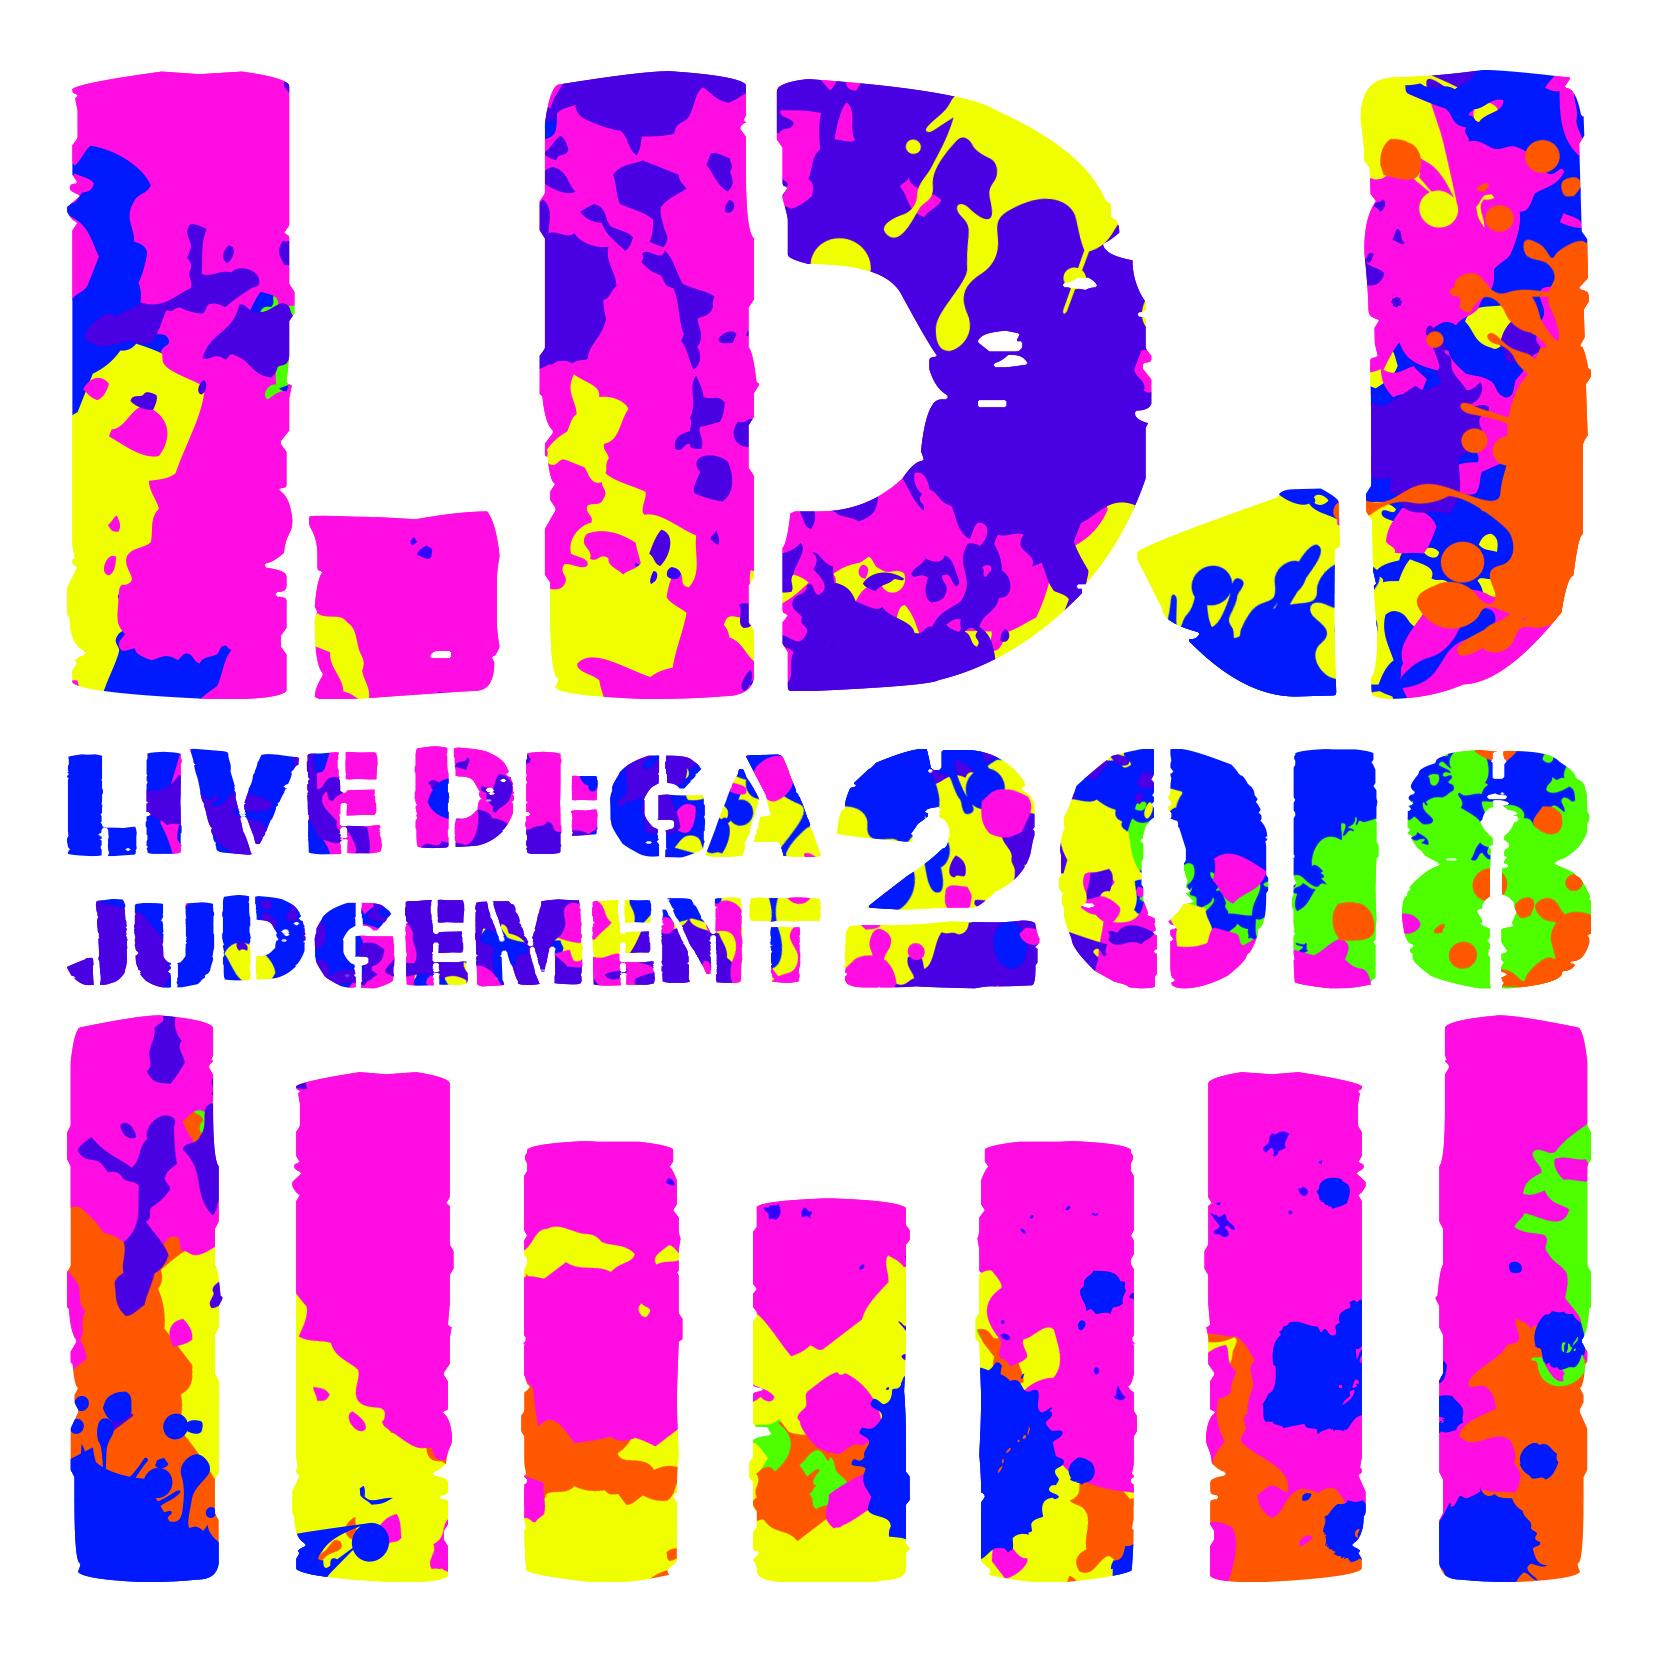 『LIVE DI:GA JUDGEMENT』